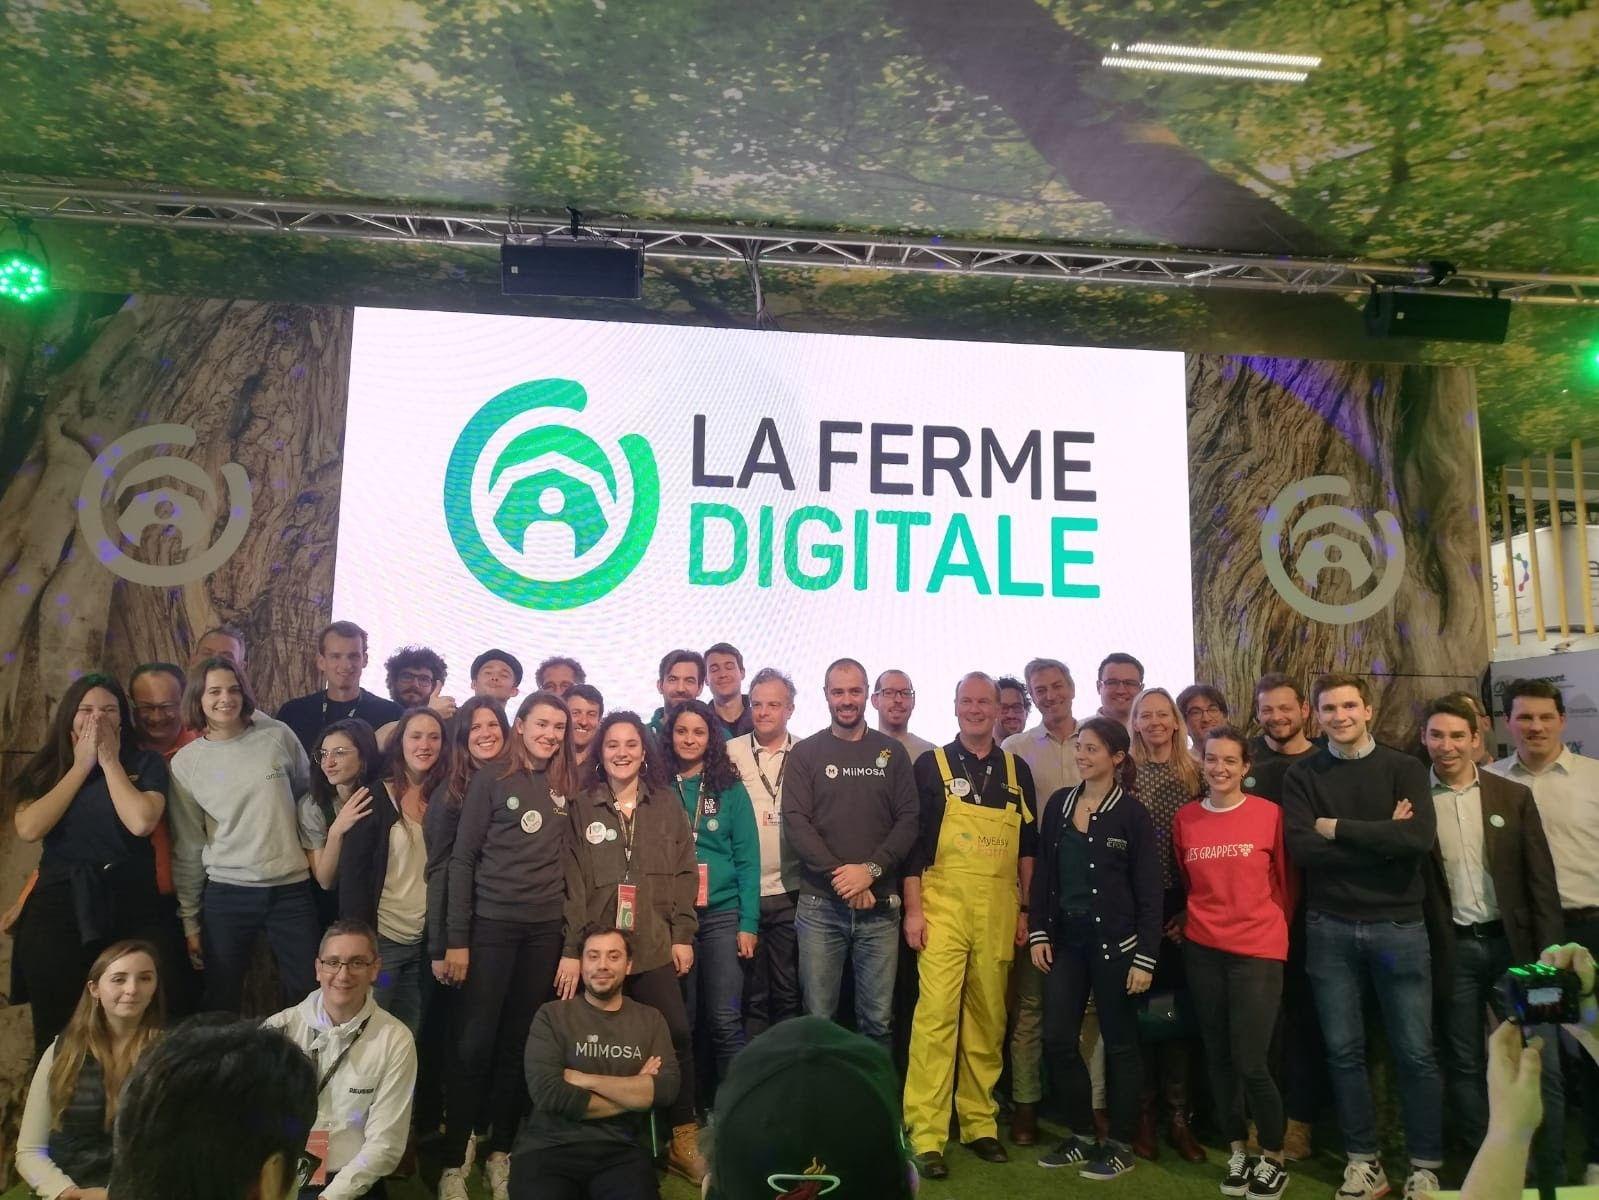 Les membres de La Ferme Digitale au salon de l'agriculture 2020